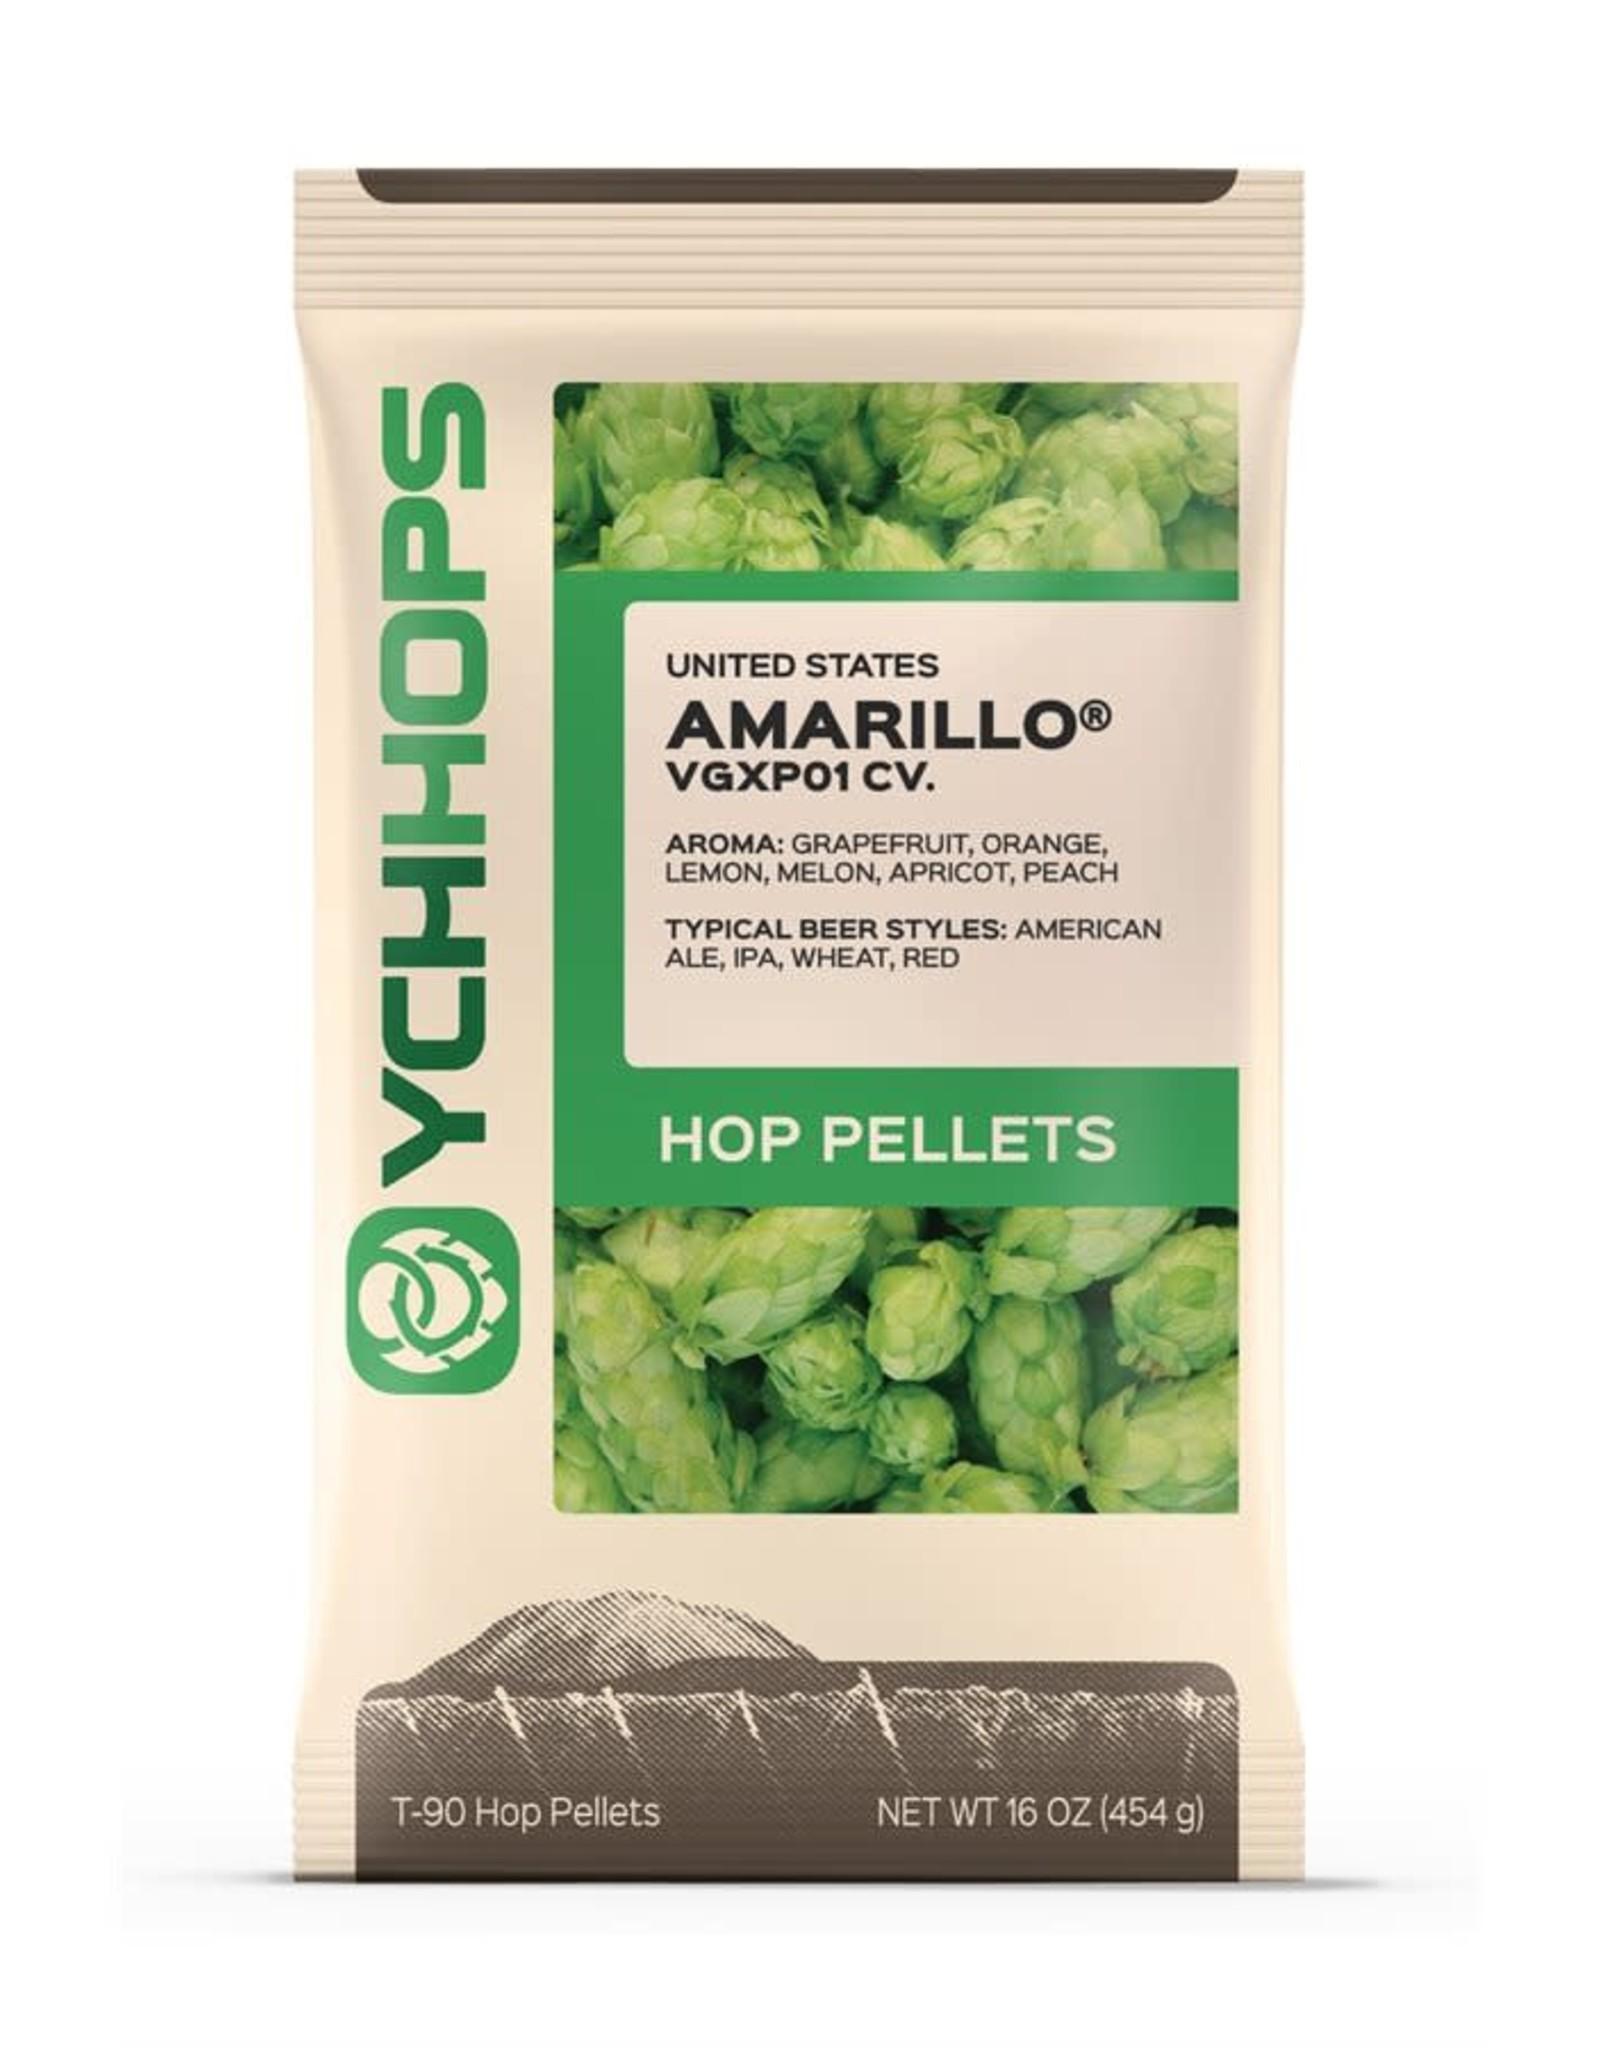 AMARILLO HOP PELLETS - 1 LB